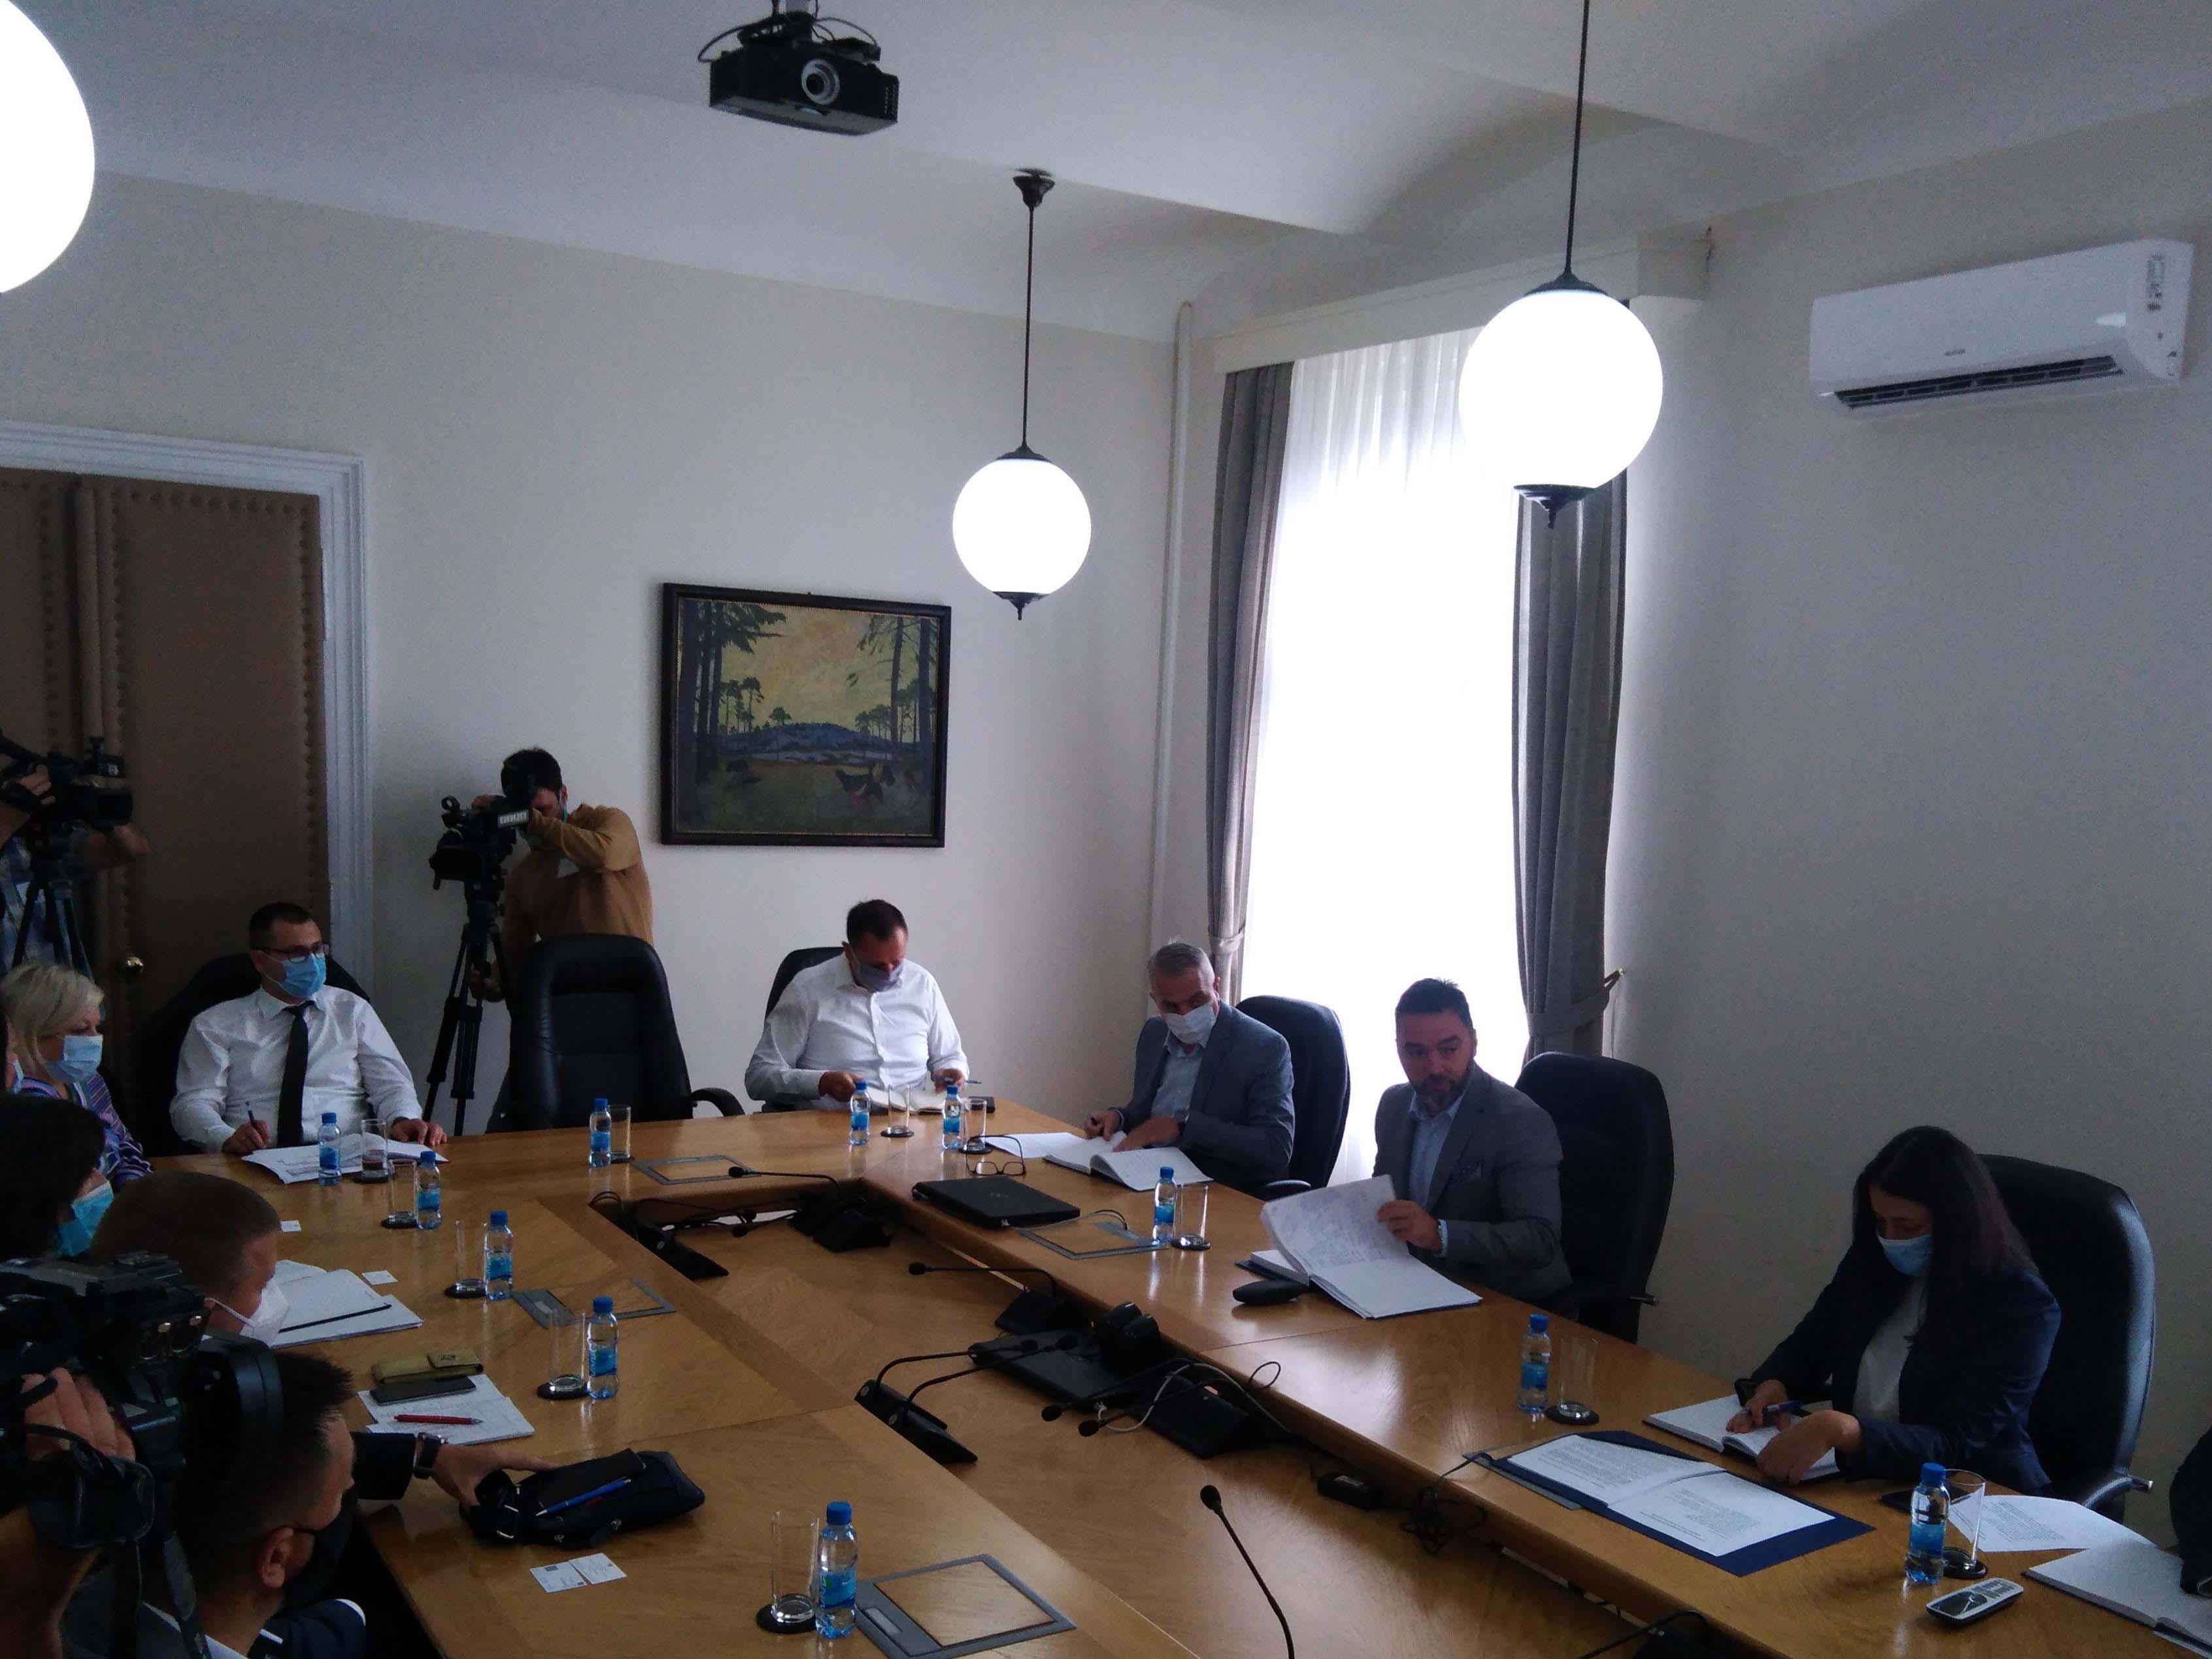 САРАЈЕВО, 25. АВГУСТА /СРНА/ - Министар спољне трговине и економских односа у Савјету министара Сташа Кошарац са представницима трговачких ланаца у БиХ.